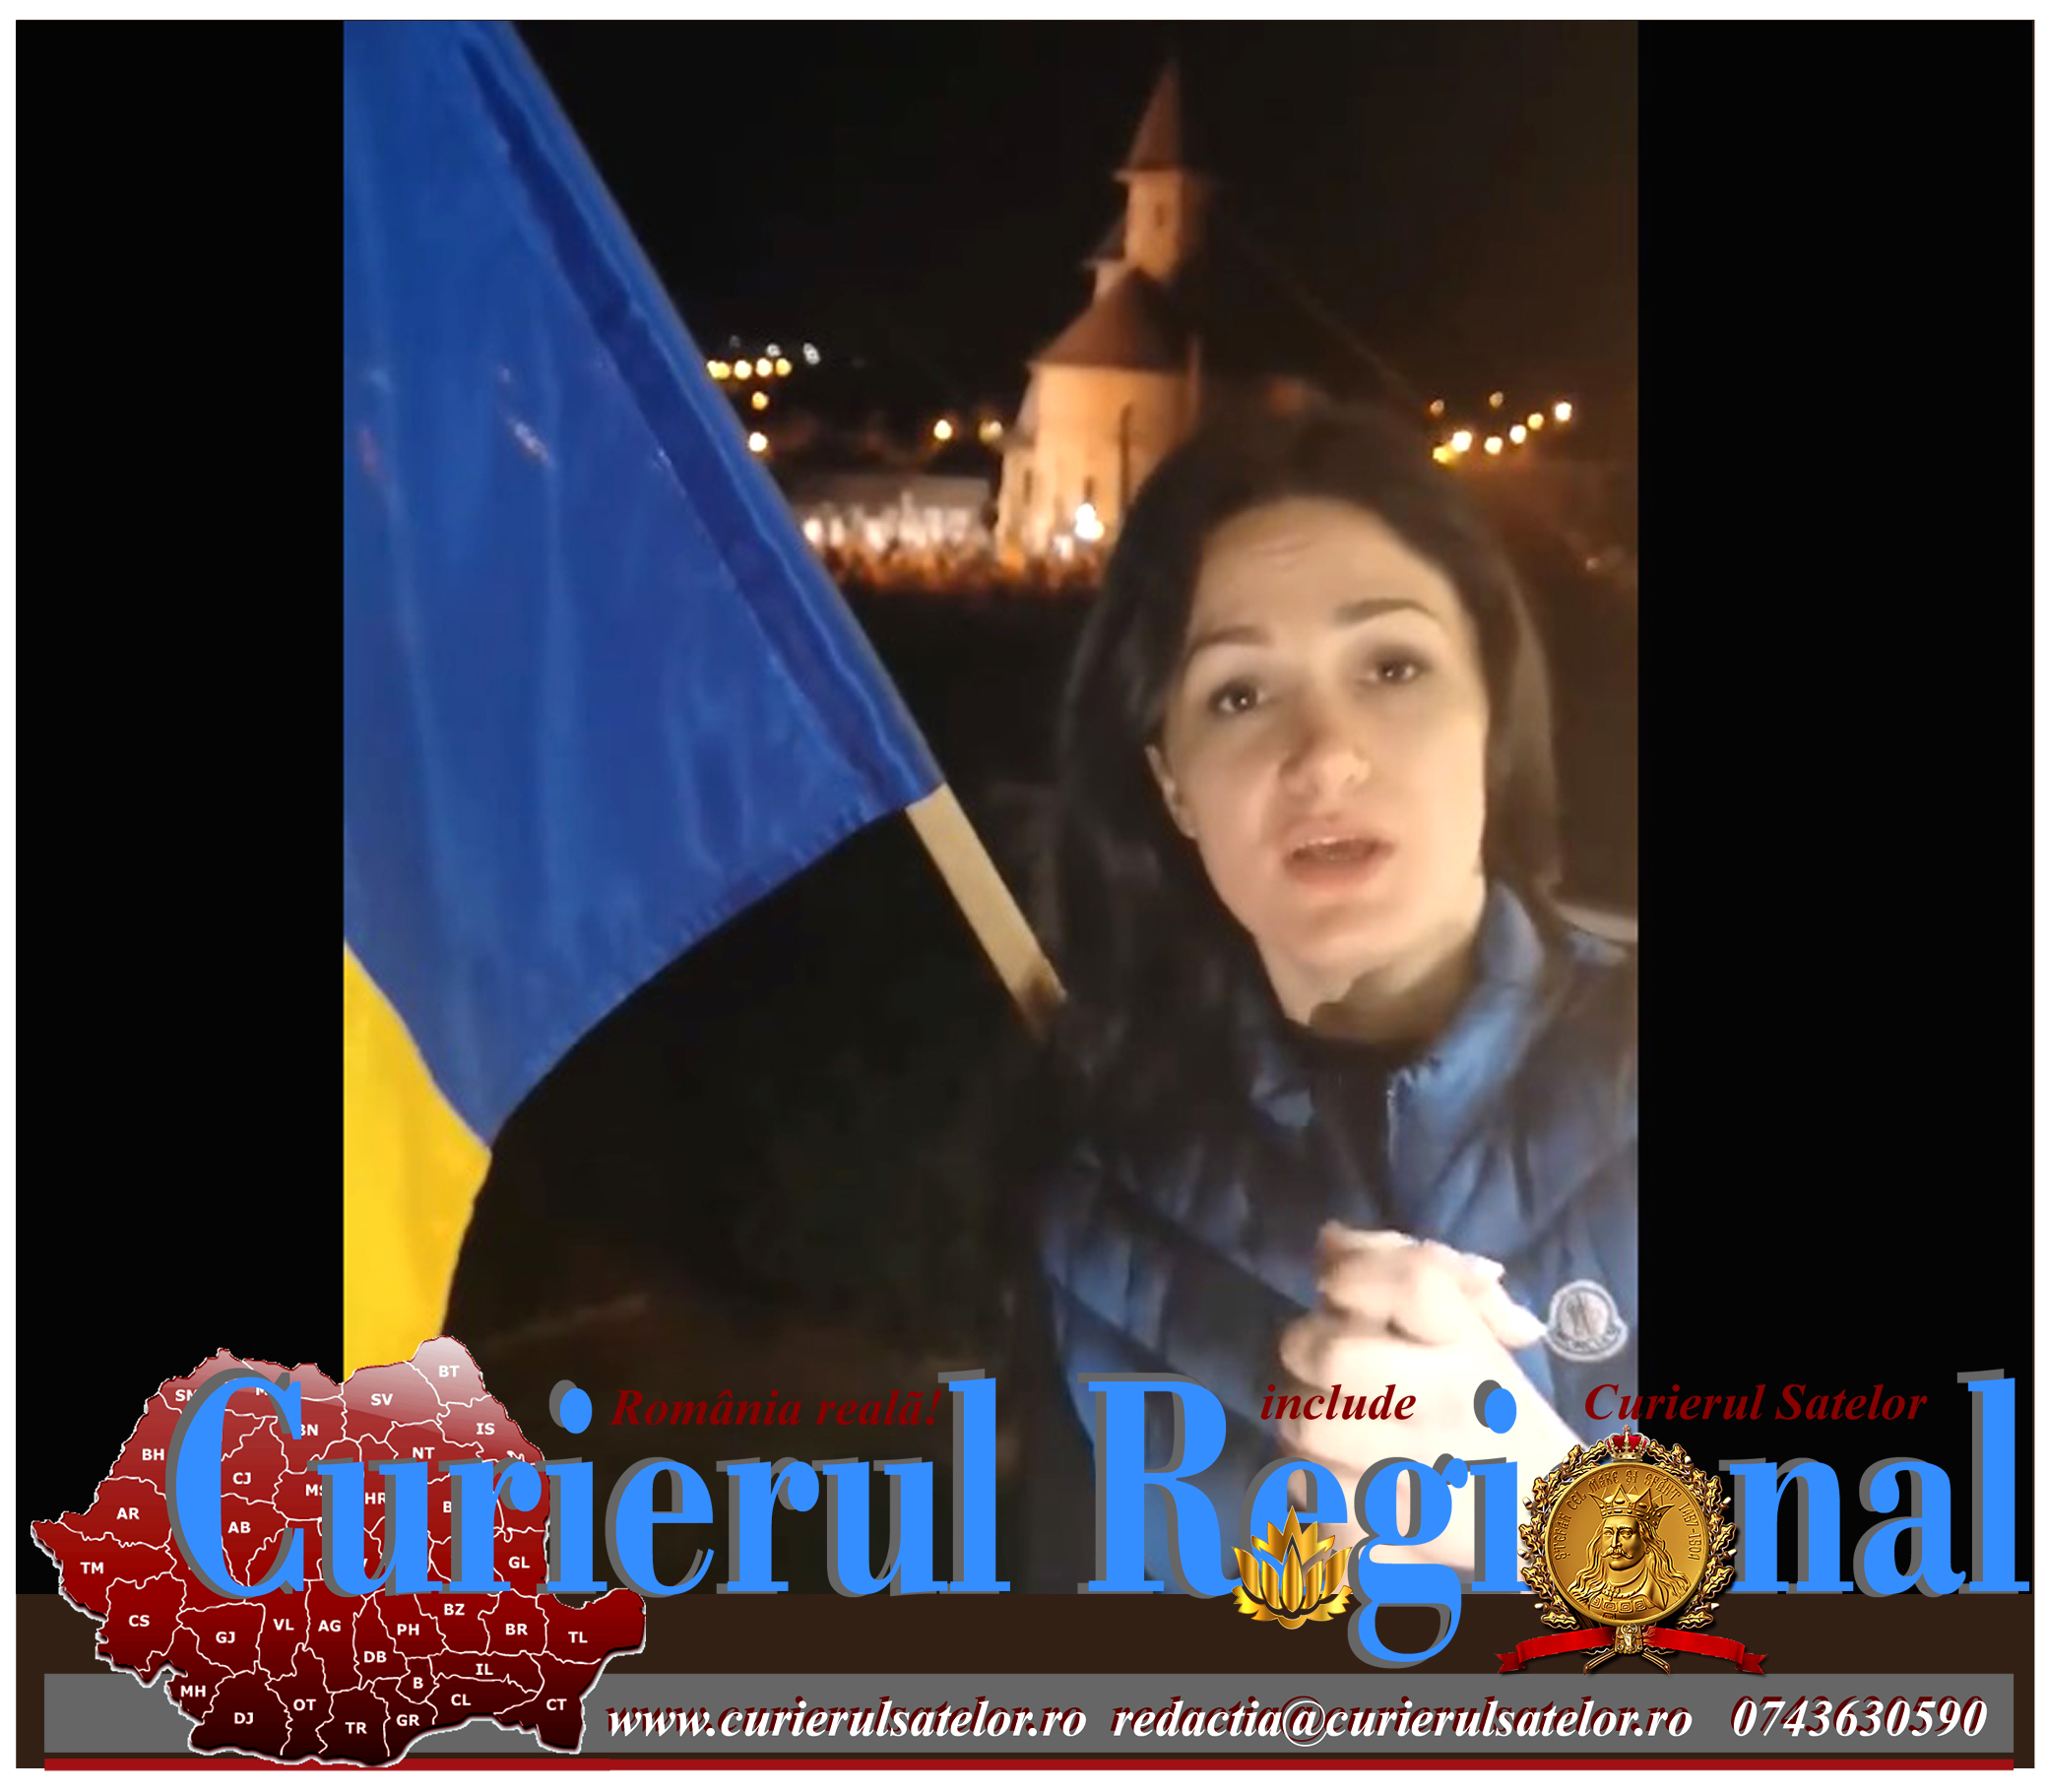 Cântăreață celebră, mesaj pentru eroii coronavirus 20